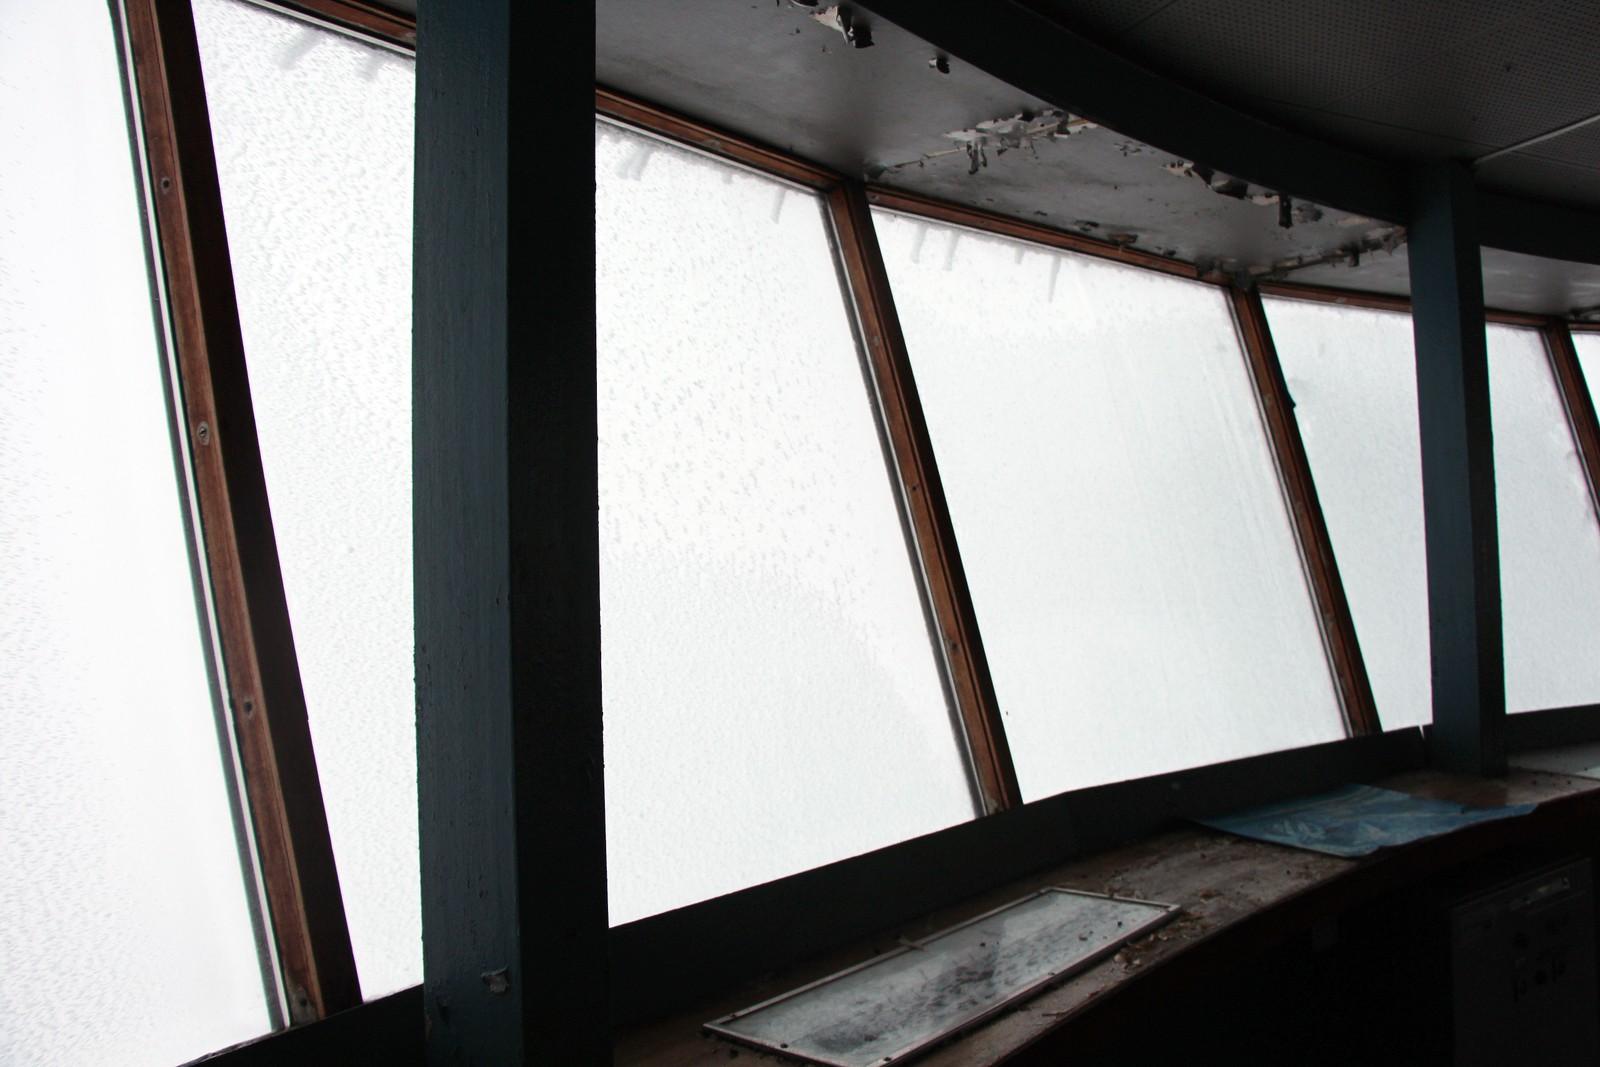 Tåke og is på vinduene sørget for null utsikt da NRK besøkte publikumsgalleriet 60 meter over bakken i januar 2017.